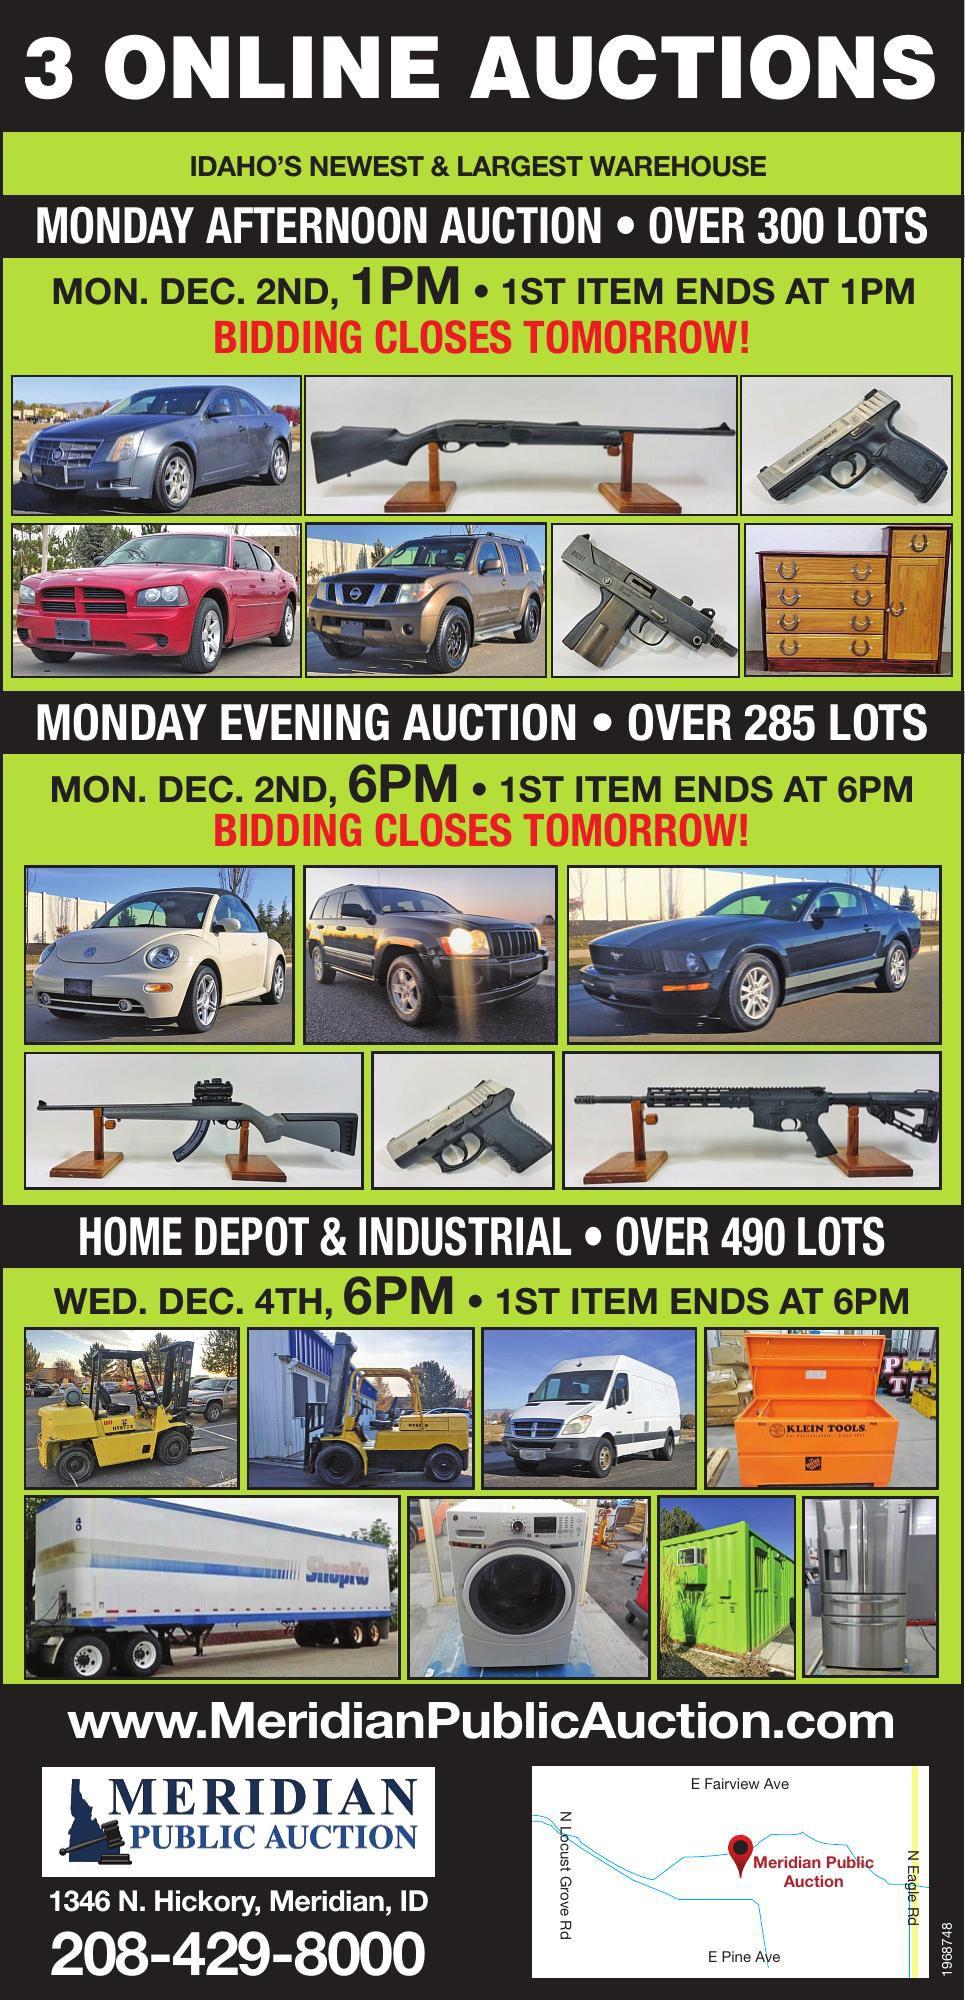 Meridian Public Auction